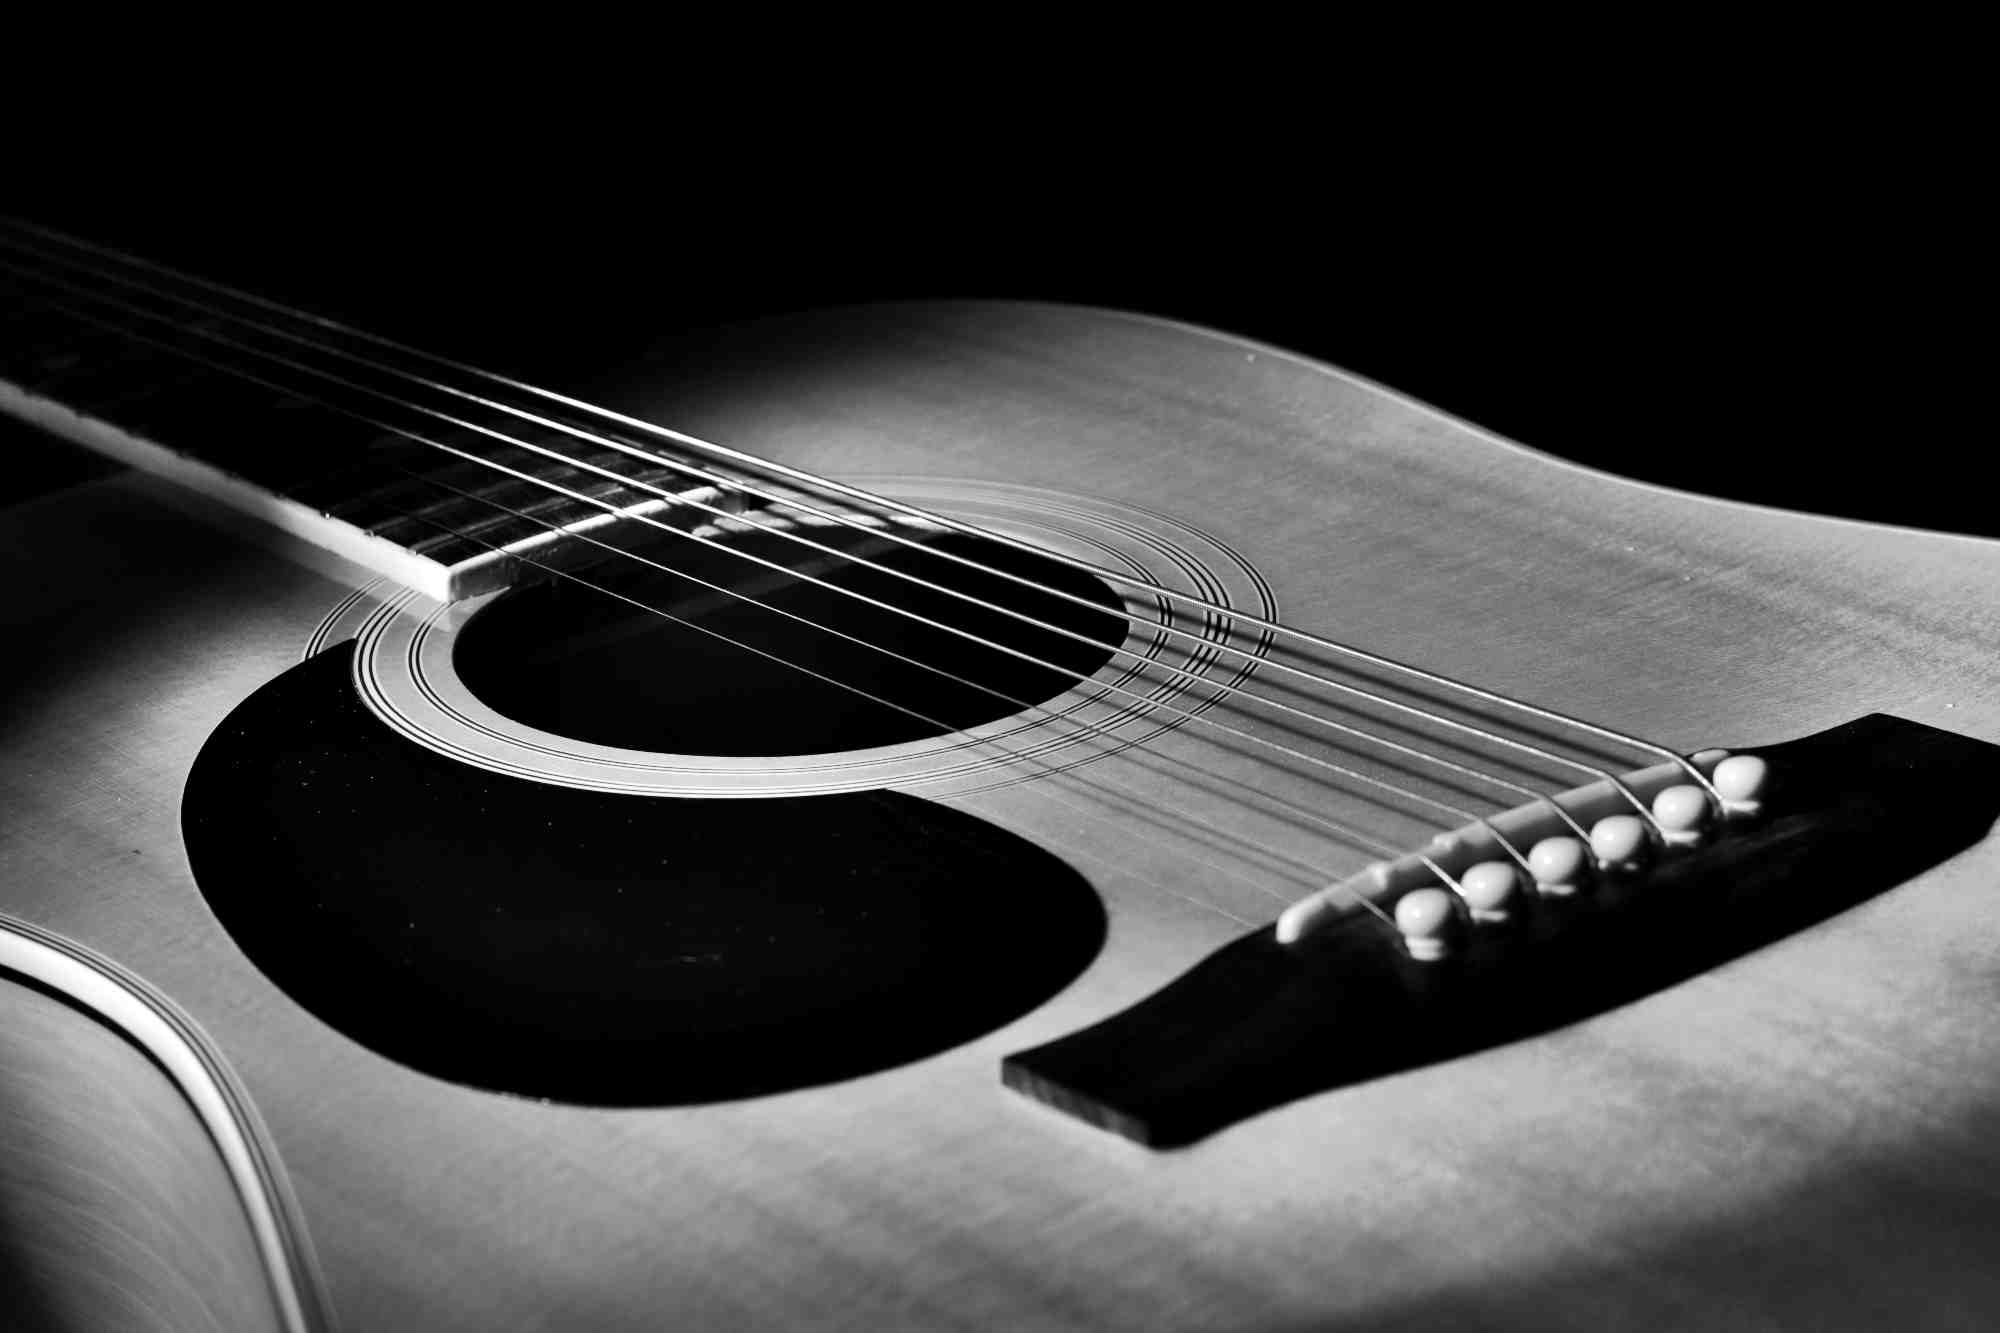 Comment accorder une guitare classique sans accordeur?